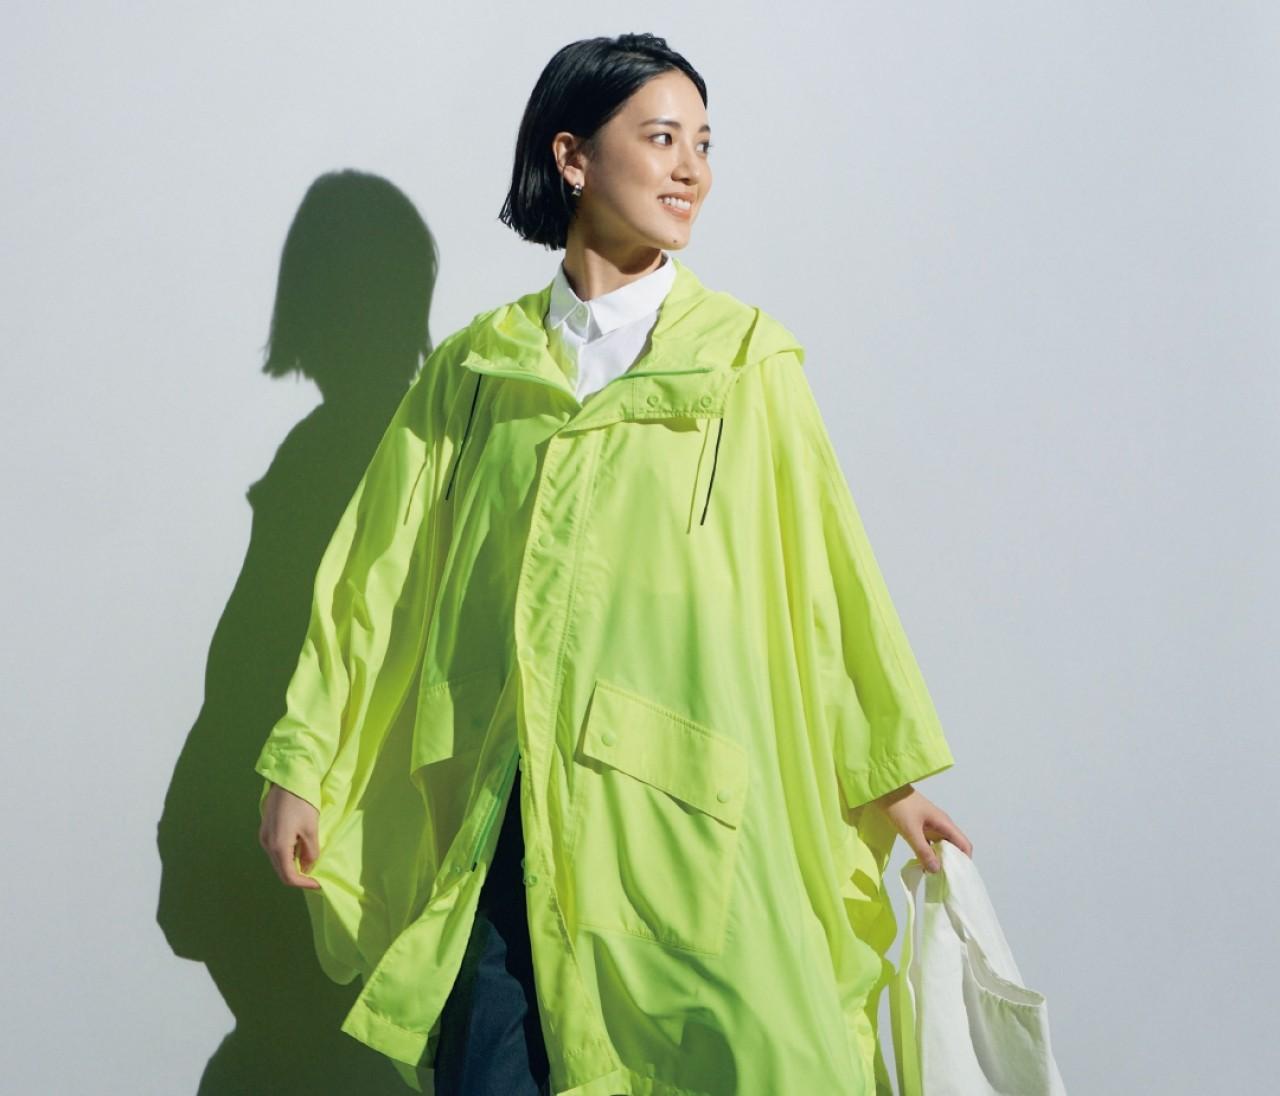 水曜日は、ネオンイエローのレインポンチョで雨の日でもご機嫌に【30代今日のコーデ】